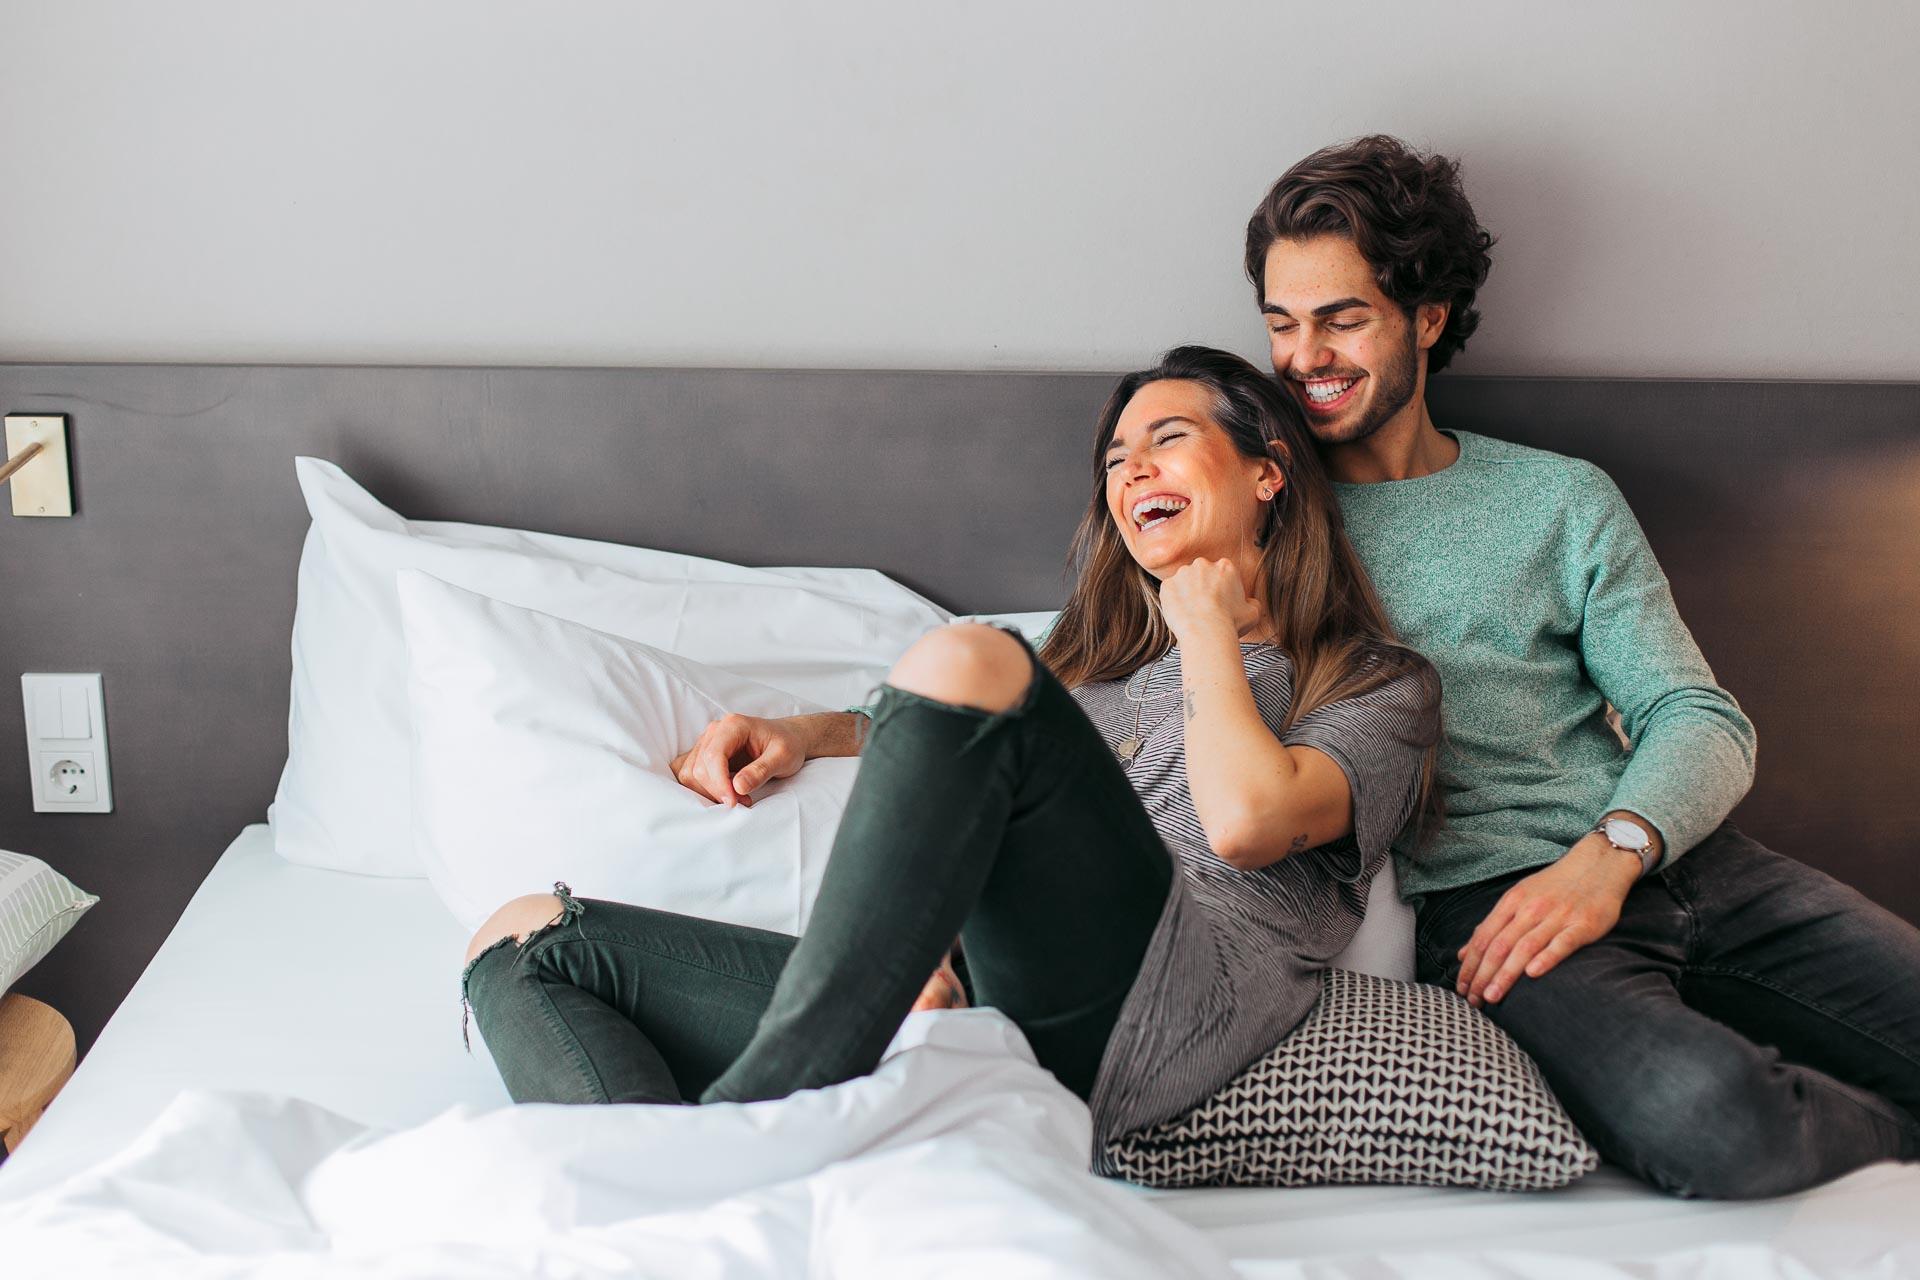 Social Media Fotografie eines jungen cool angezogenen herzlich lachenden Paars auf einem Hotelbett